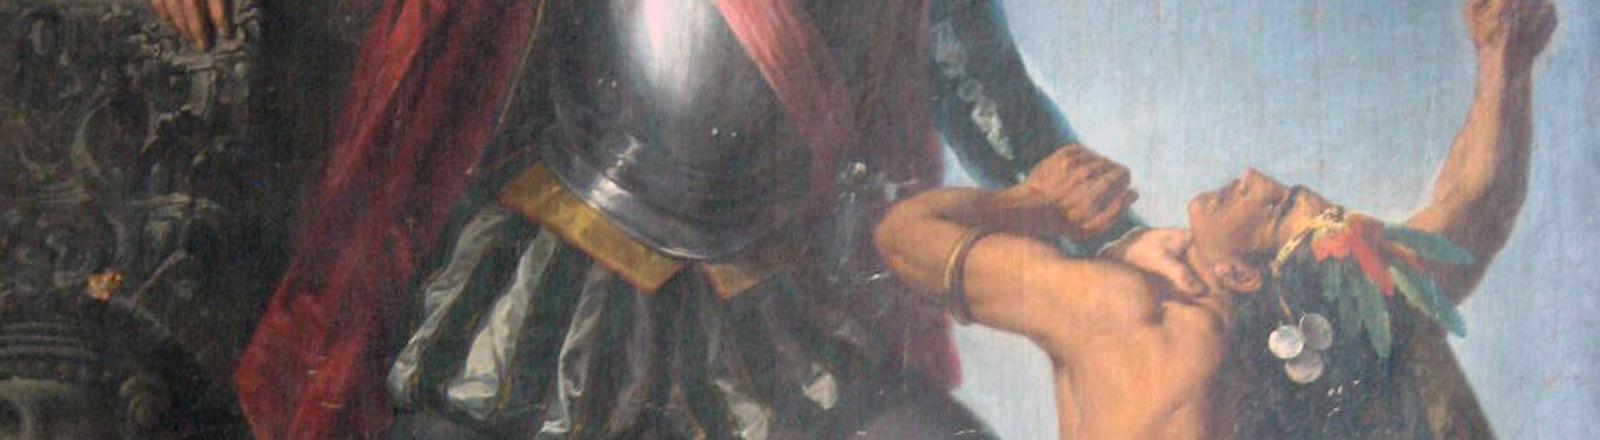 Das Gemälde zeigt Hernan Cortes beim Kampf gegen die indigenen Bevölkerung.